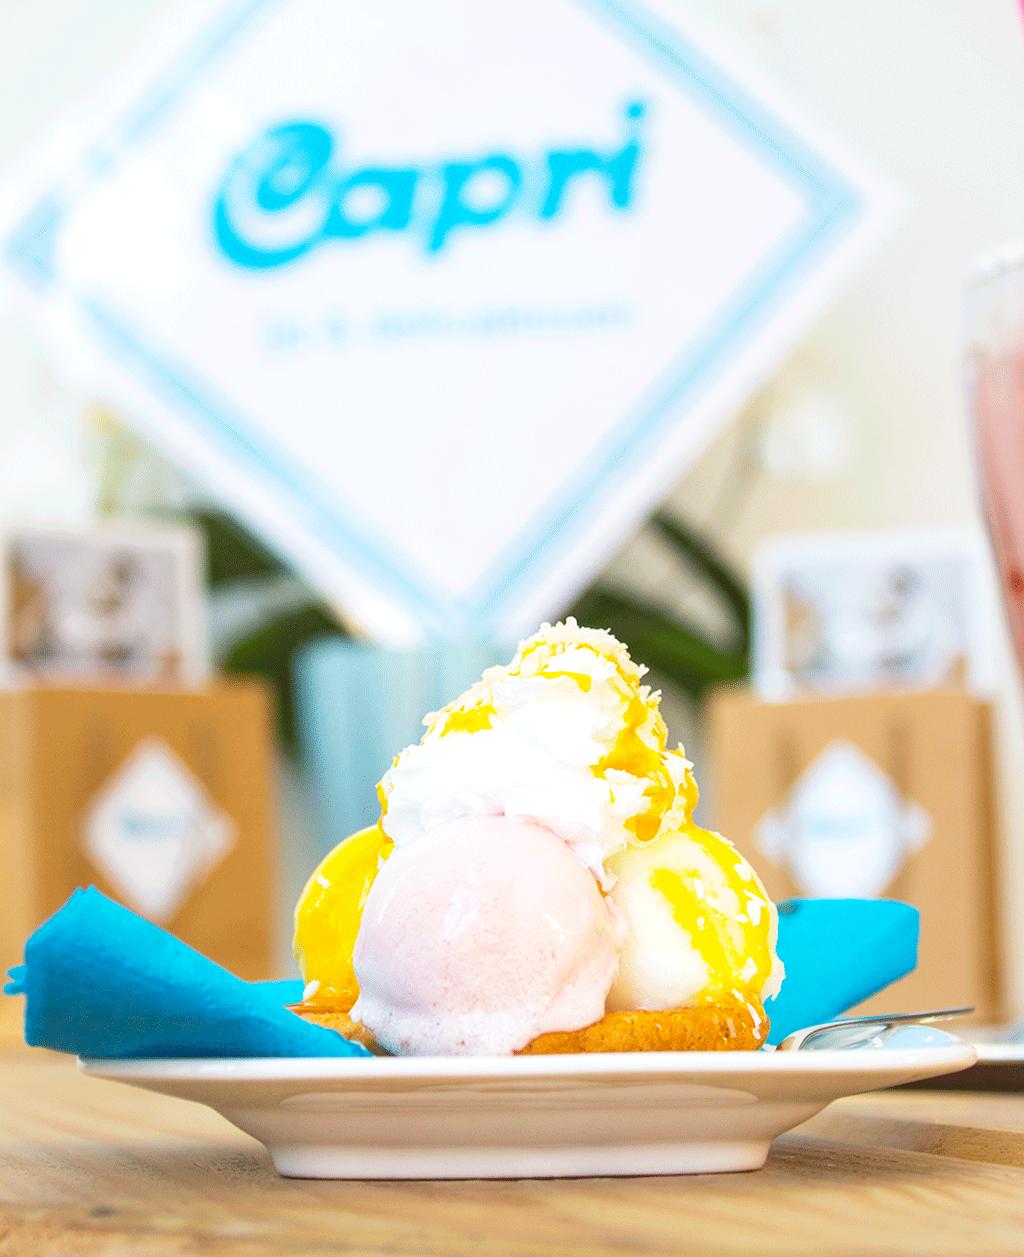 MindandBeauty.nl Capri ijs en delicatessen in Rotterdam een smaaksensatie